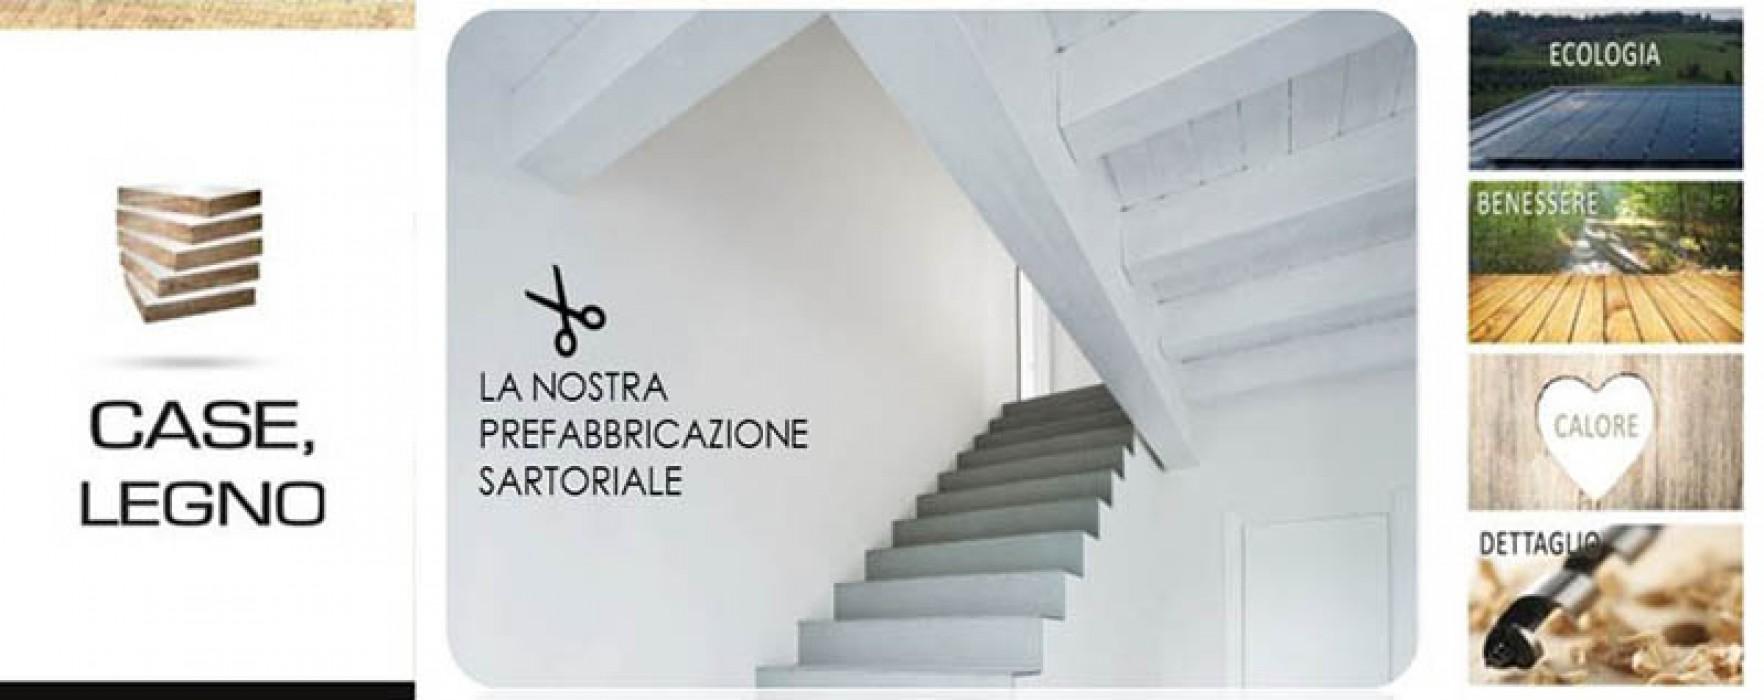 PREFABBRICAZIONE SARTORIALE con G.C. srl CASE,LEGNO